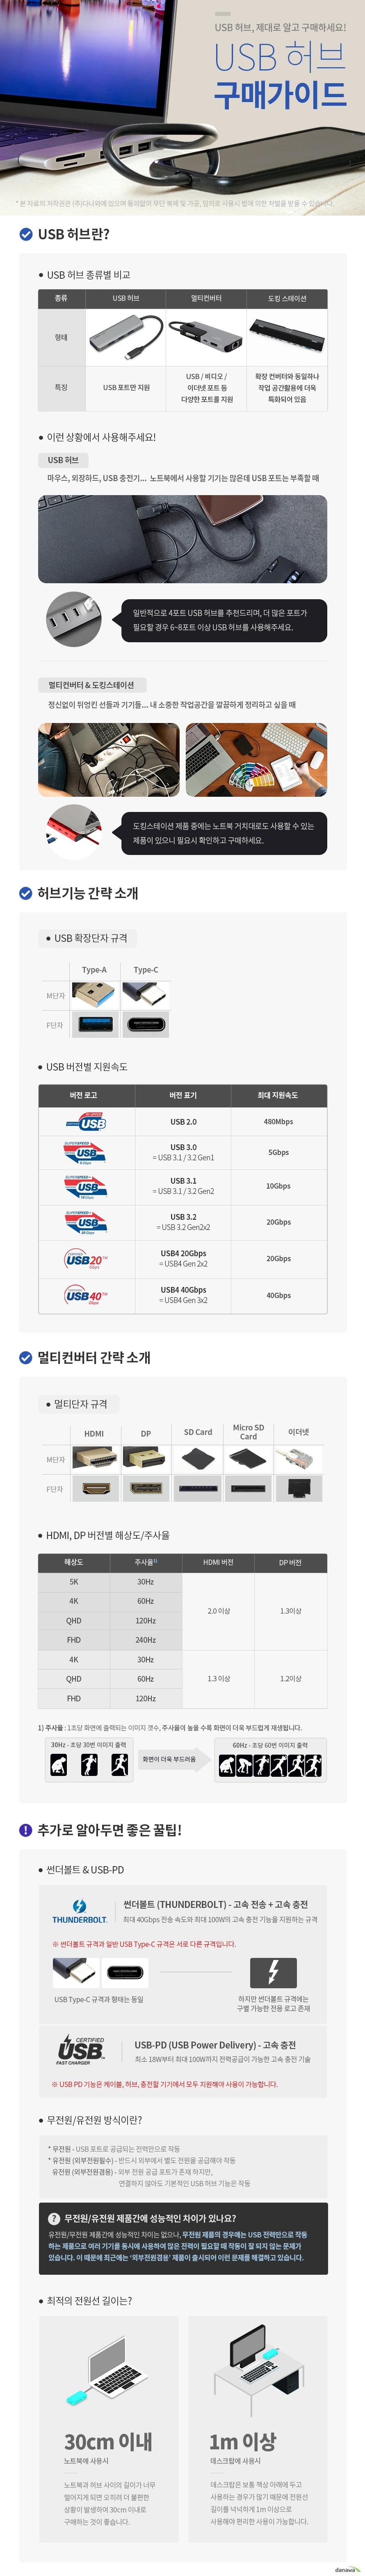 라인업시스템 LANSTAR LS-USB314B (4포트/USB 3.0 Type C)